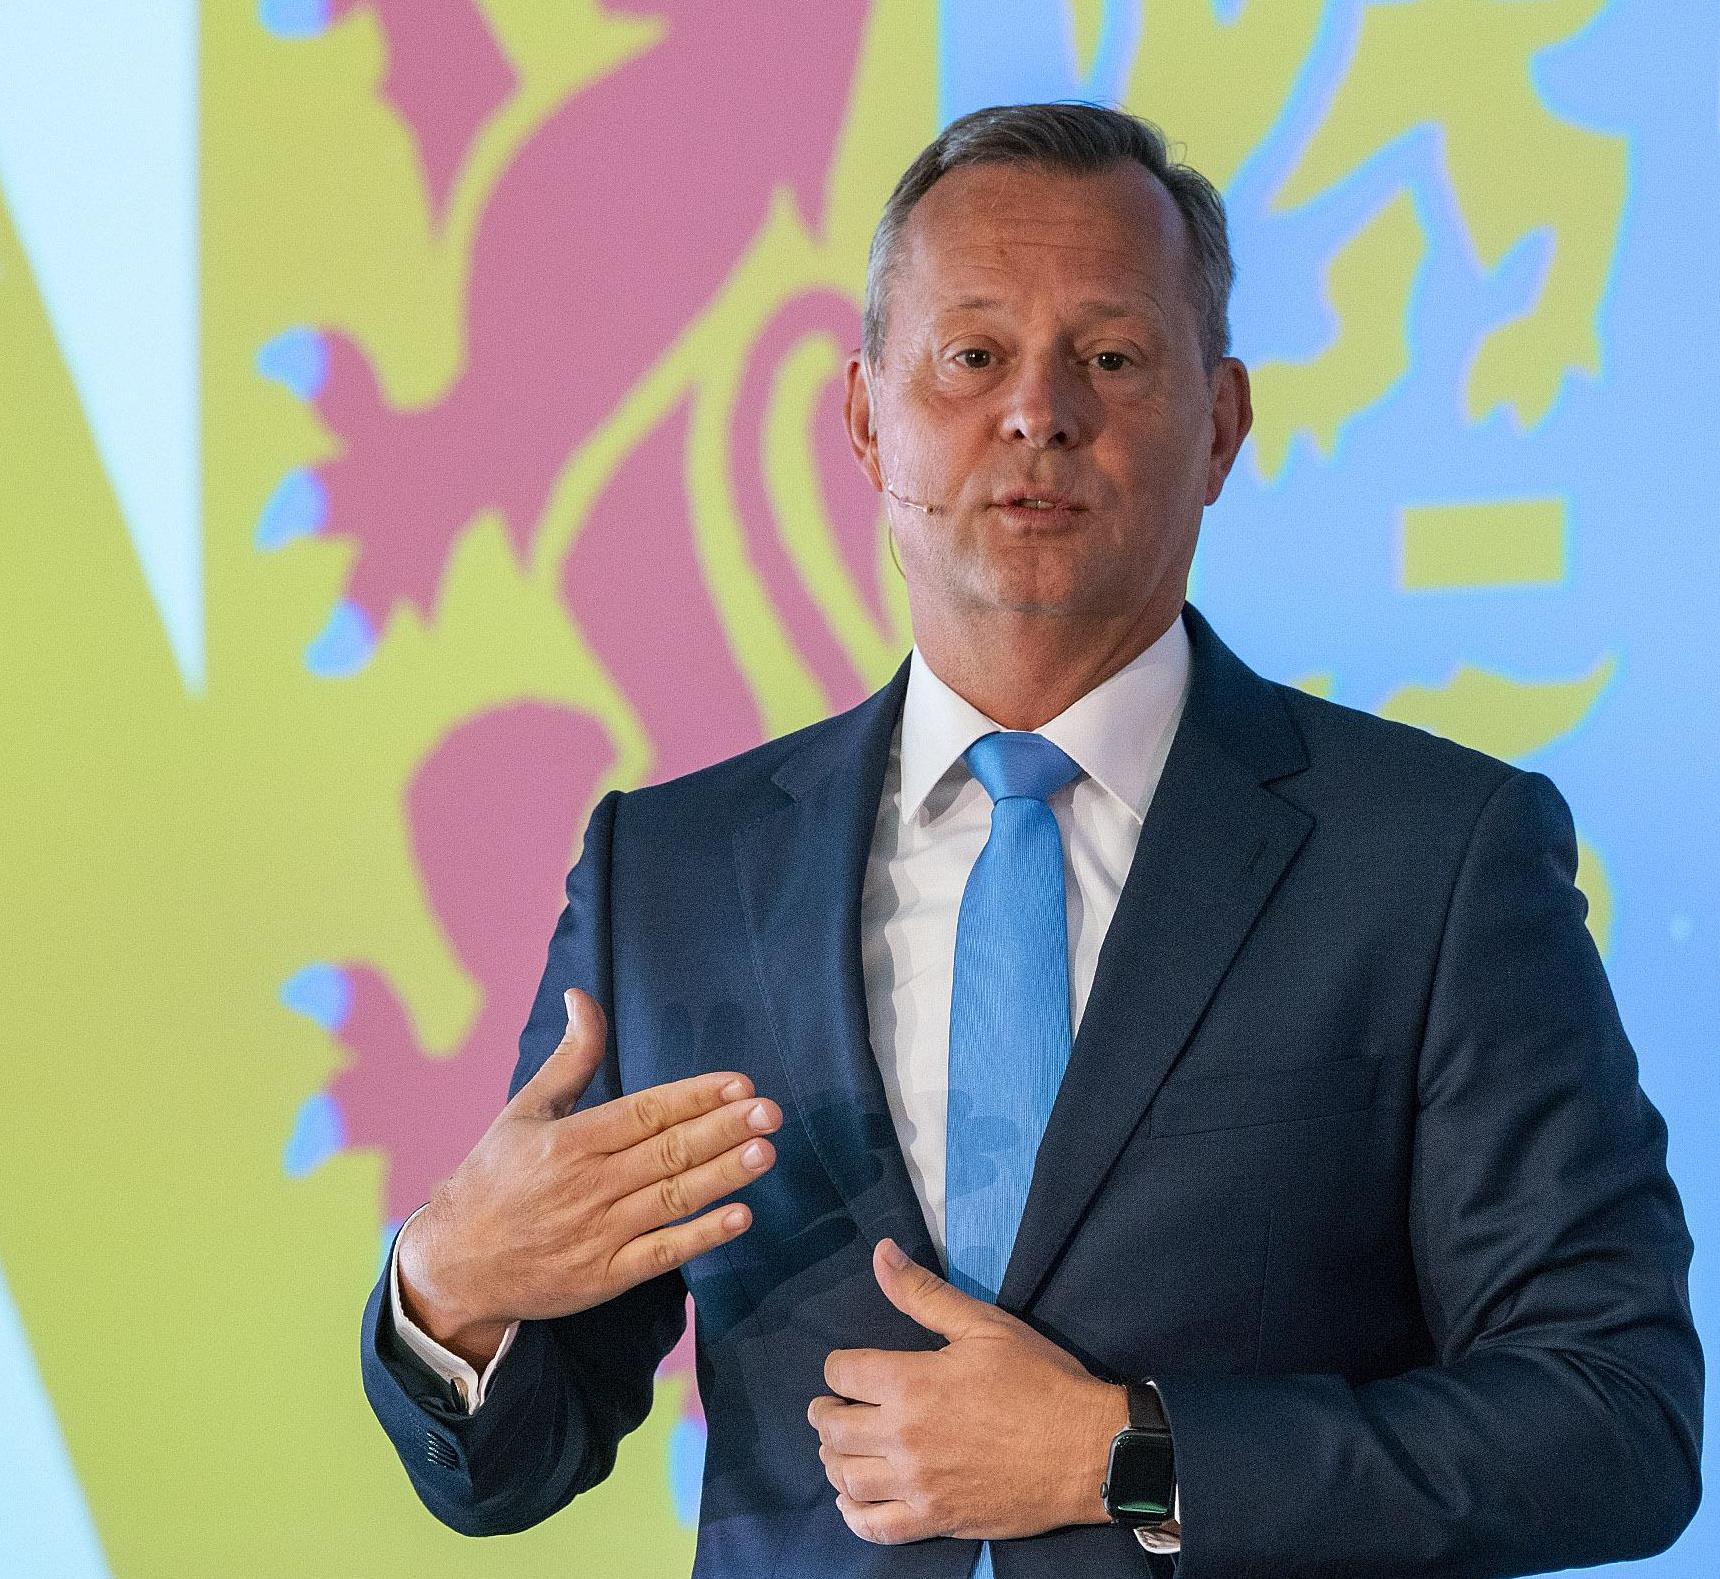 'Vrees voor verdwijnen identiteit bij fusie is niet terecht', zegt commissaris van de Koning Arthur van Dijk